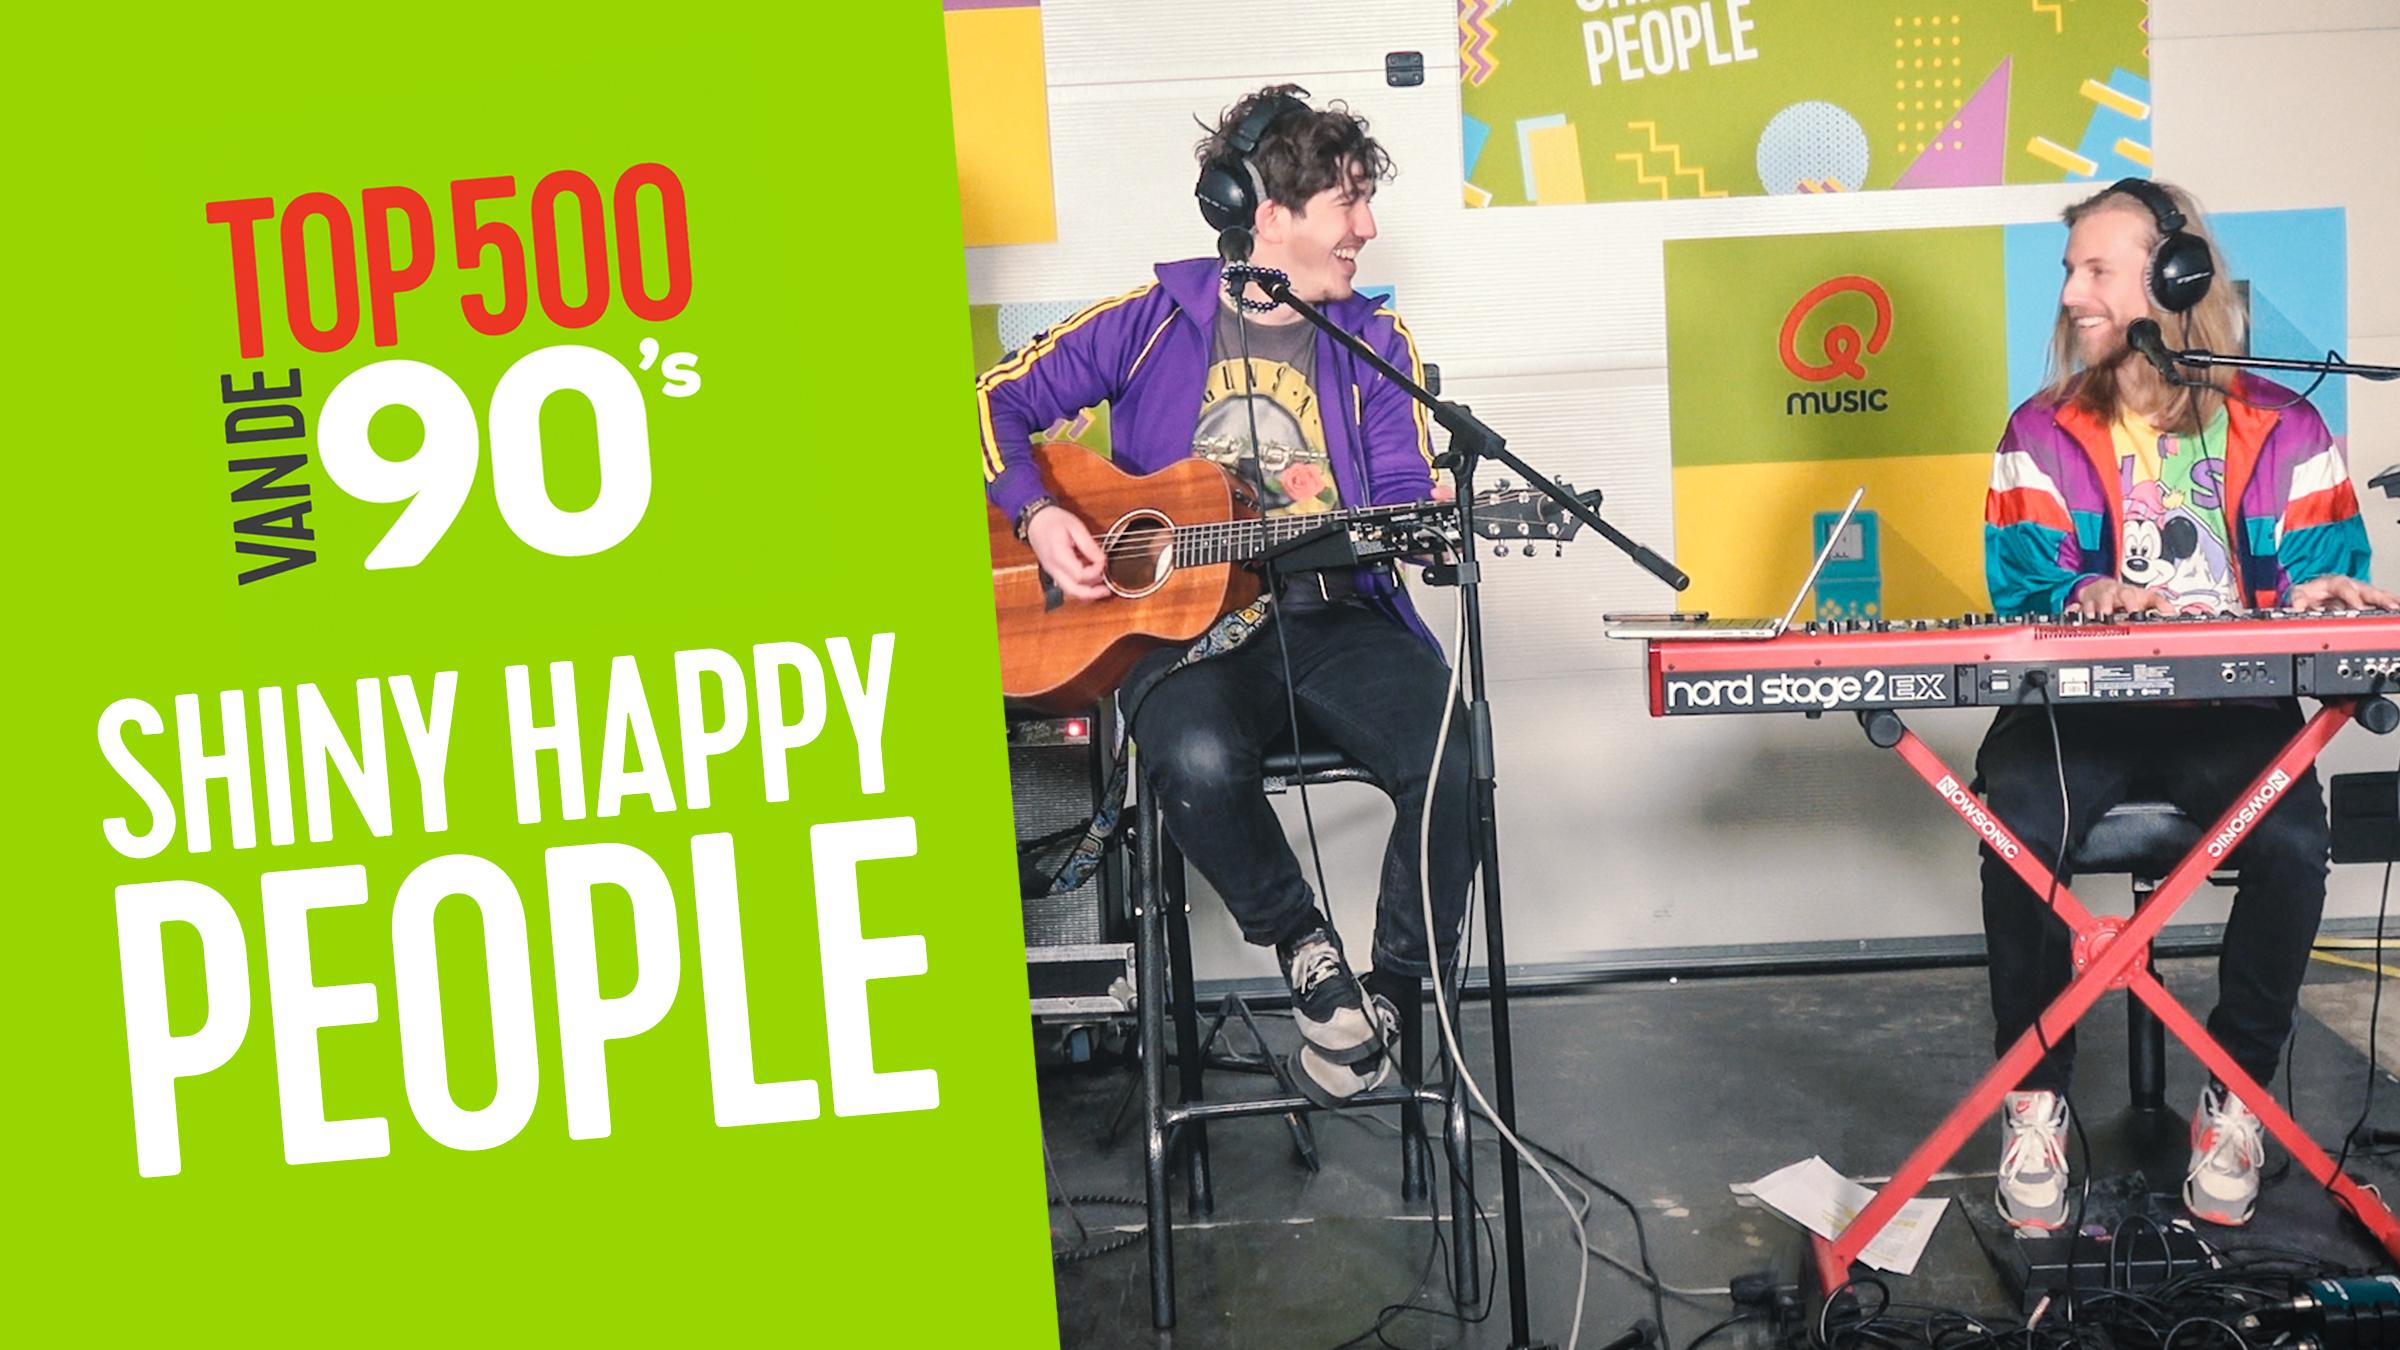 Shiny happy people   yt thumb